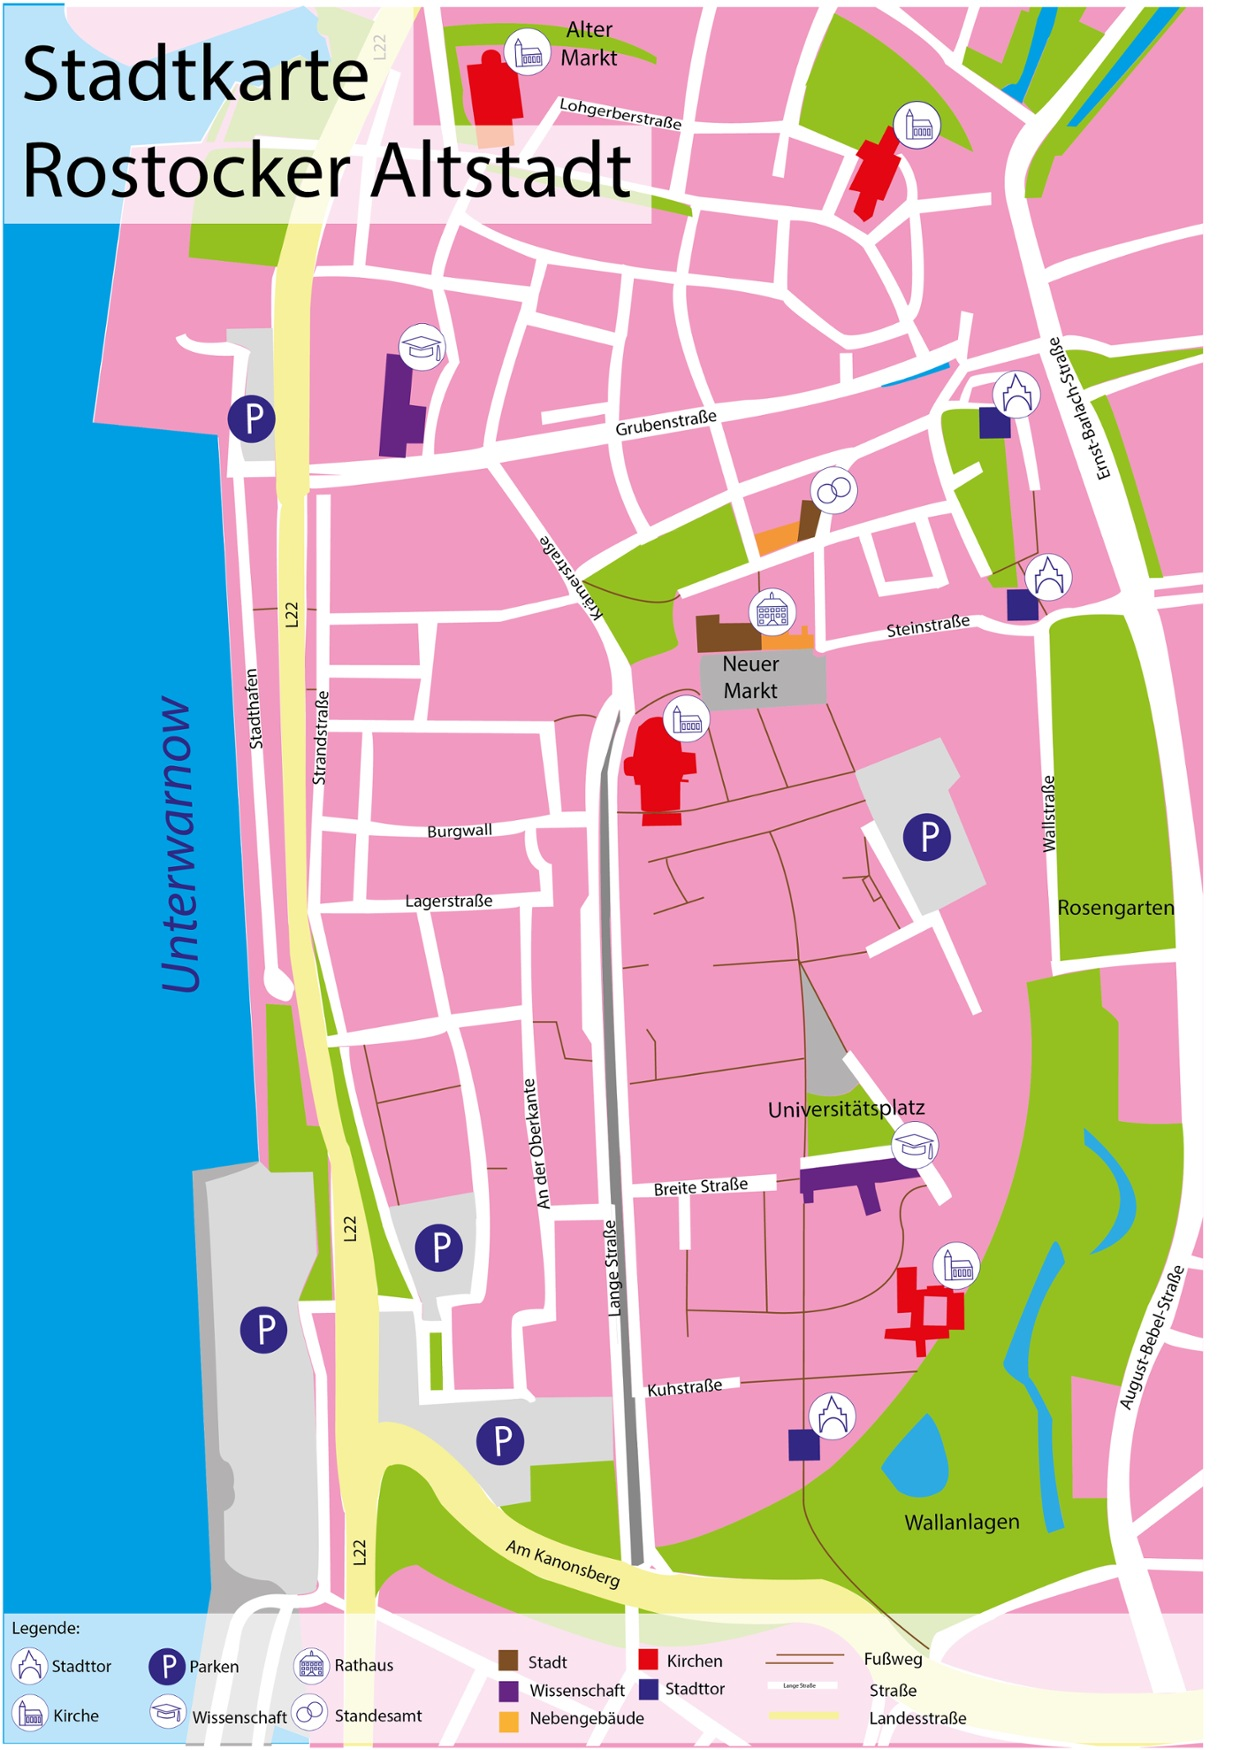 Interaktive Stadtkarte der Rostocker Altstadt